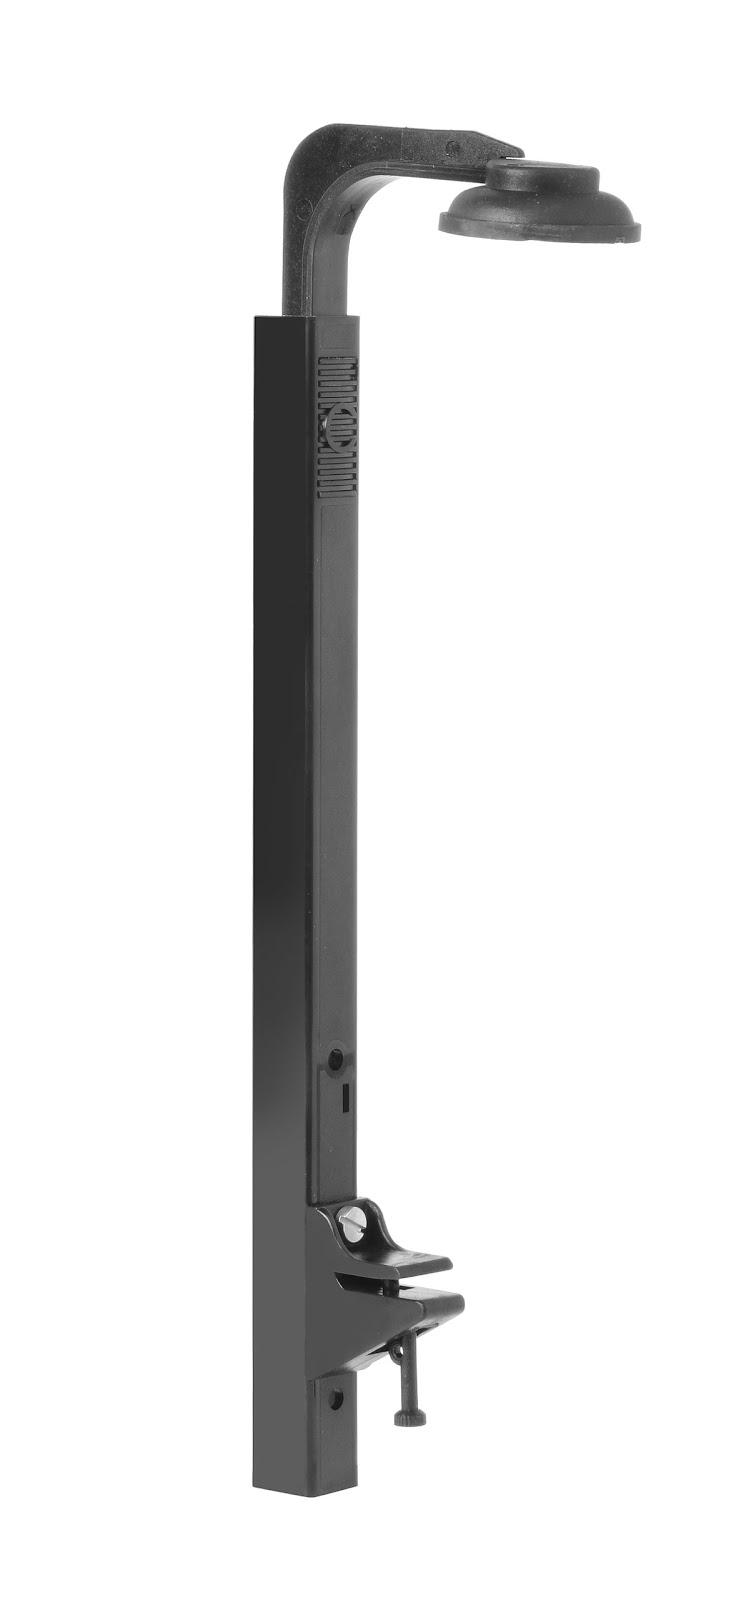 Dispozitiv de atasare pentru picurator anti-scurgere, Accesorii Bar, Pentru sticle de Bauturi, Profesionale, Horeca